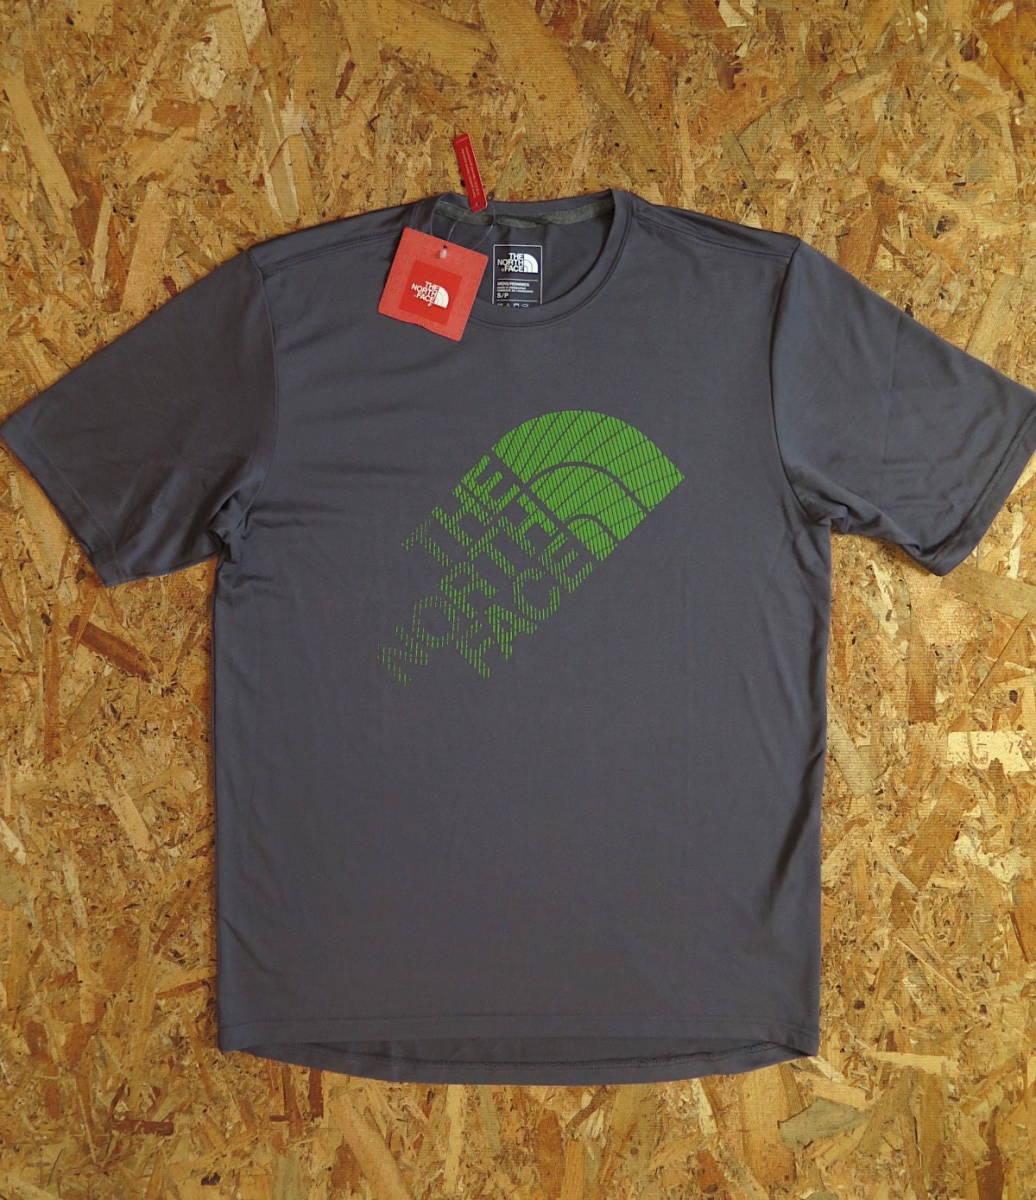 新品☆本物 NY購入 THE NORTH FACE ロゴ Tシャツ Mサイズ ノースフェイス LOGO S/S TEE USA限定 日本未発売モデル T-SHIRT D.GRAY/GREEN